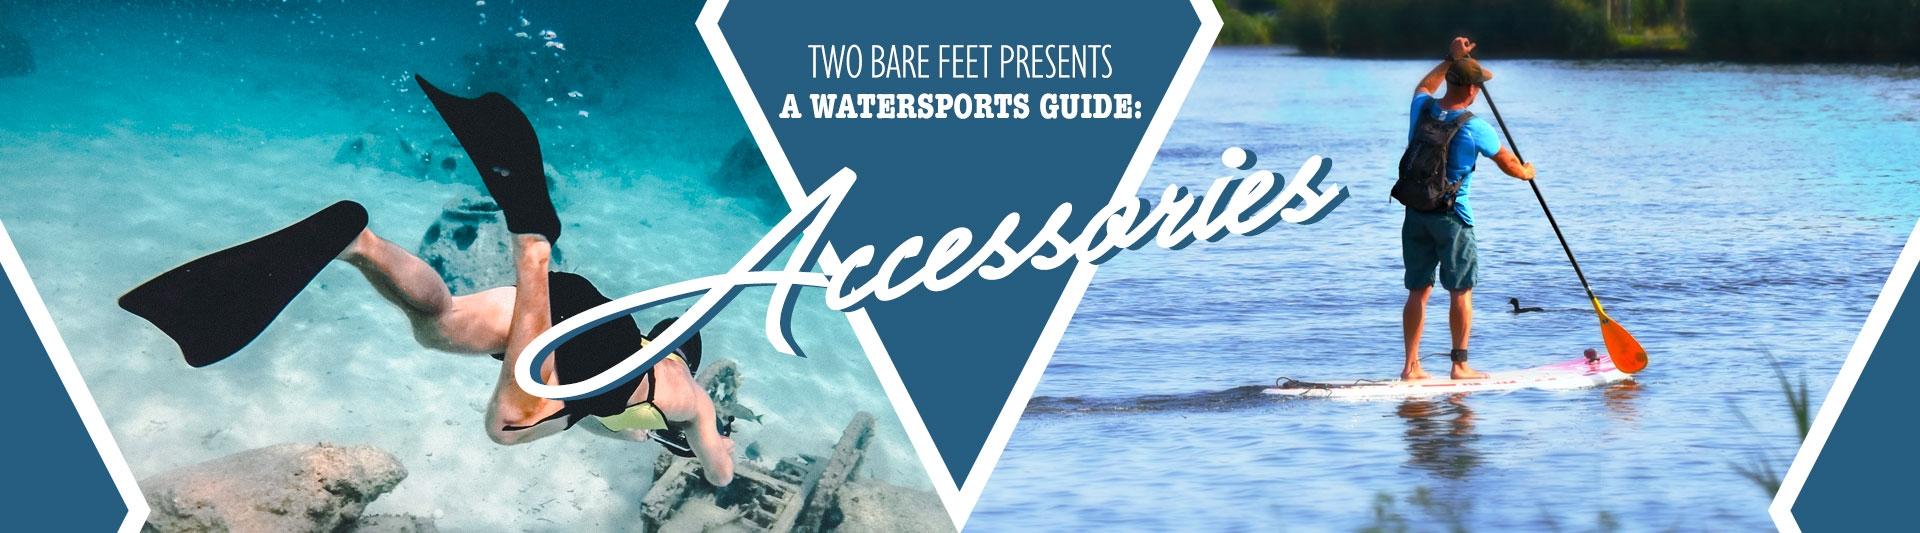 Watersport accessories banner